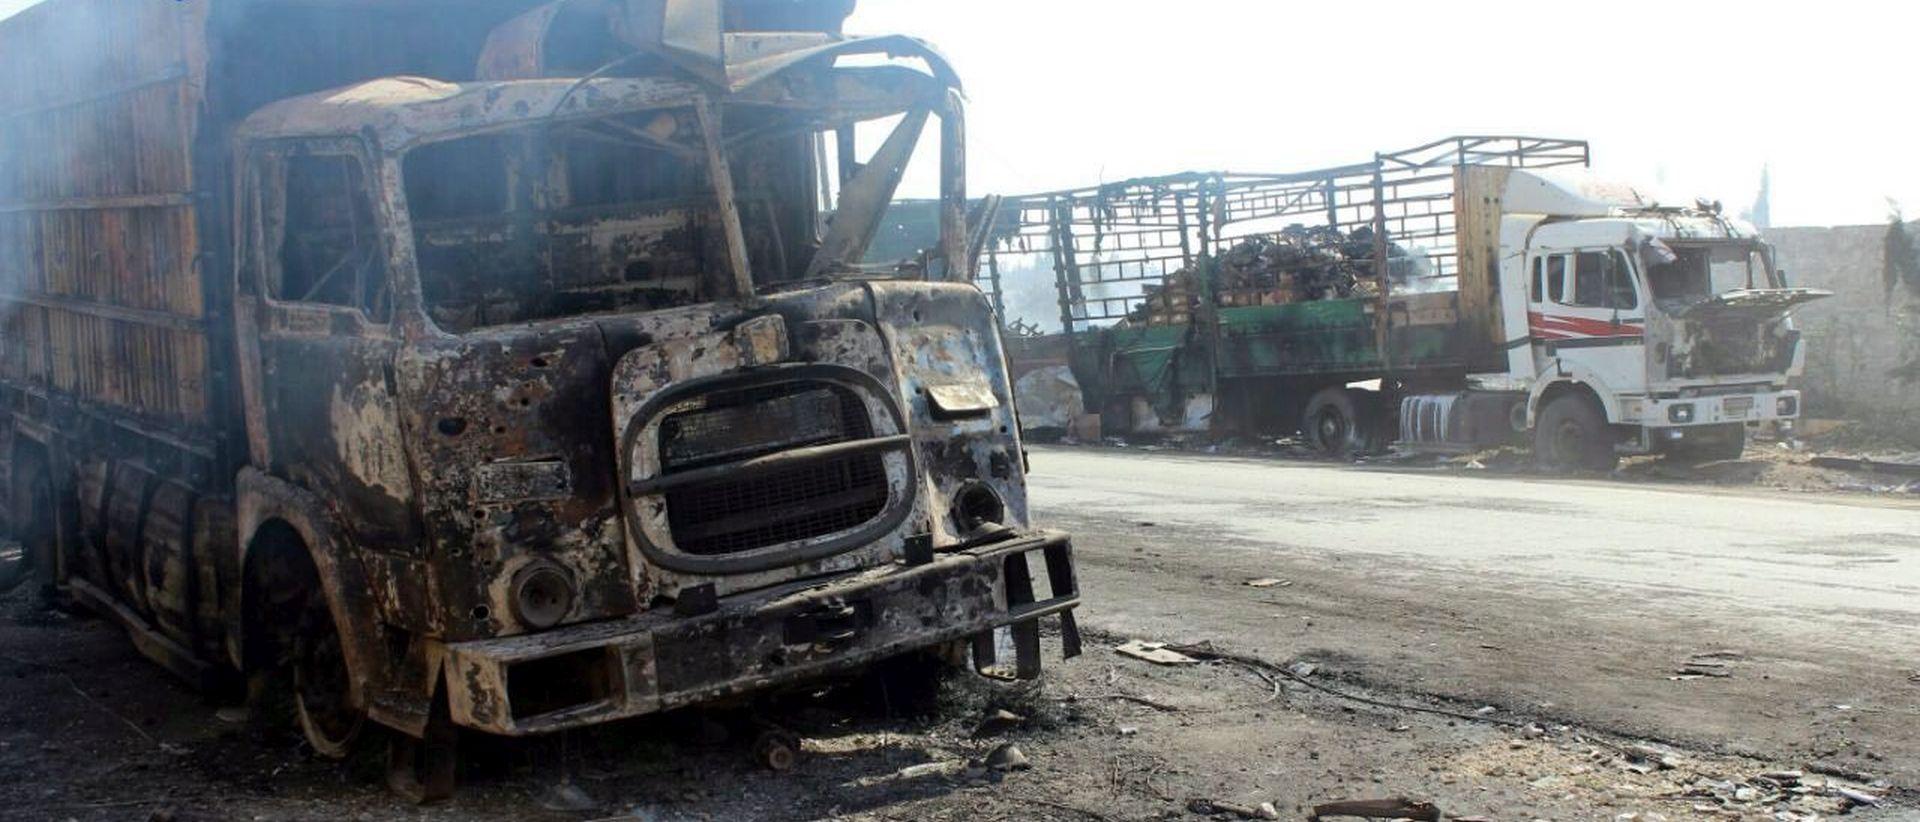 ANALIZA SATELITSKIH SNIMKI Humanitarni konvoj u Siriji napadnut iz zraka